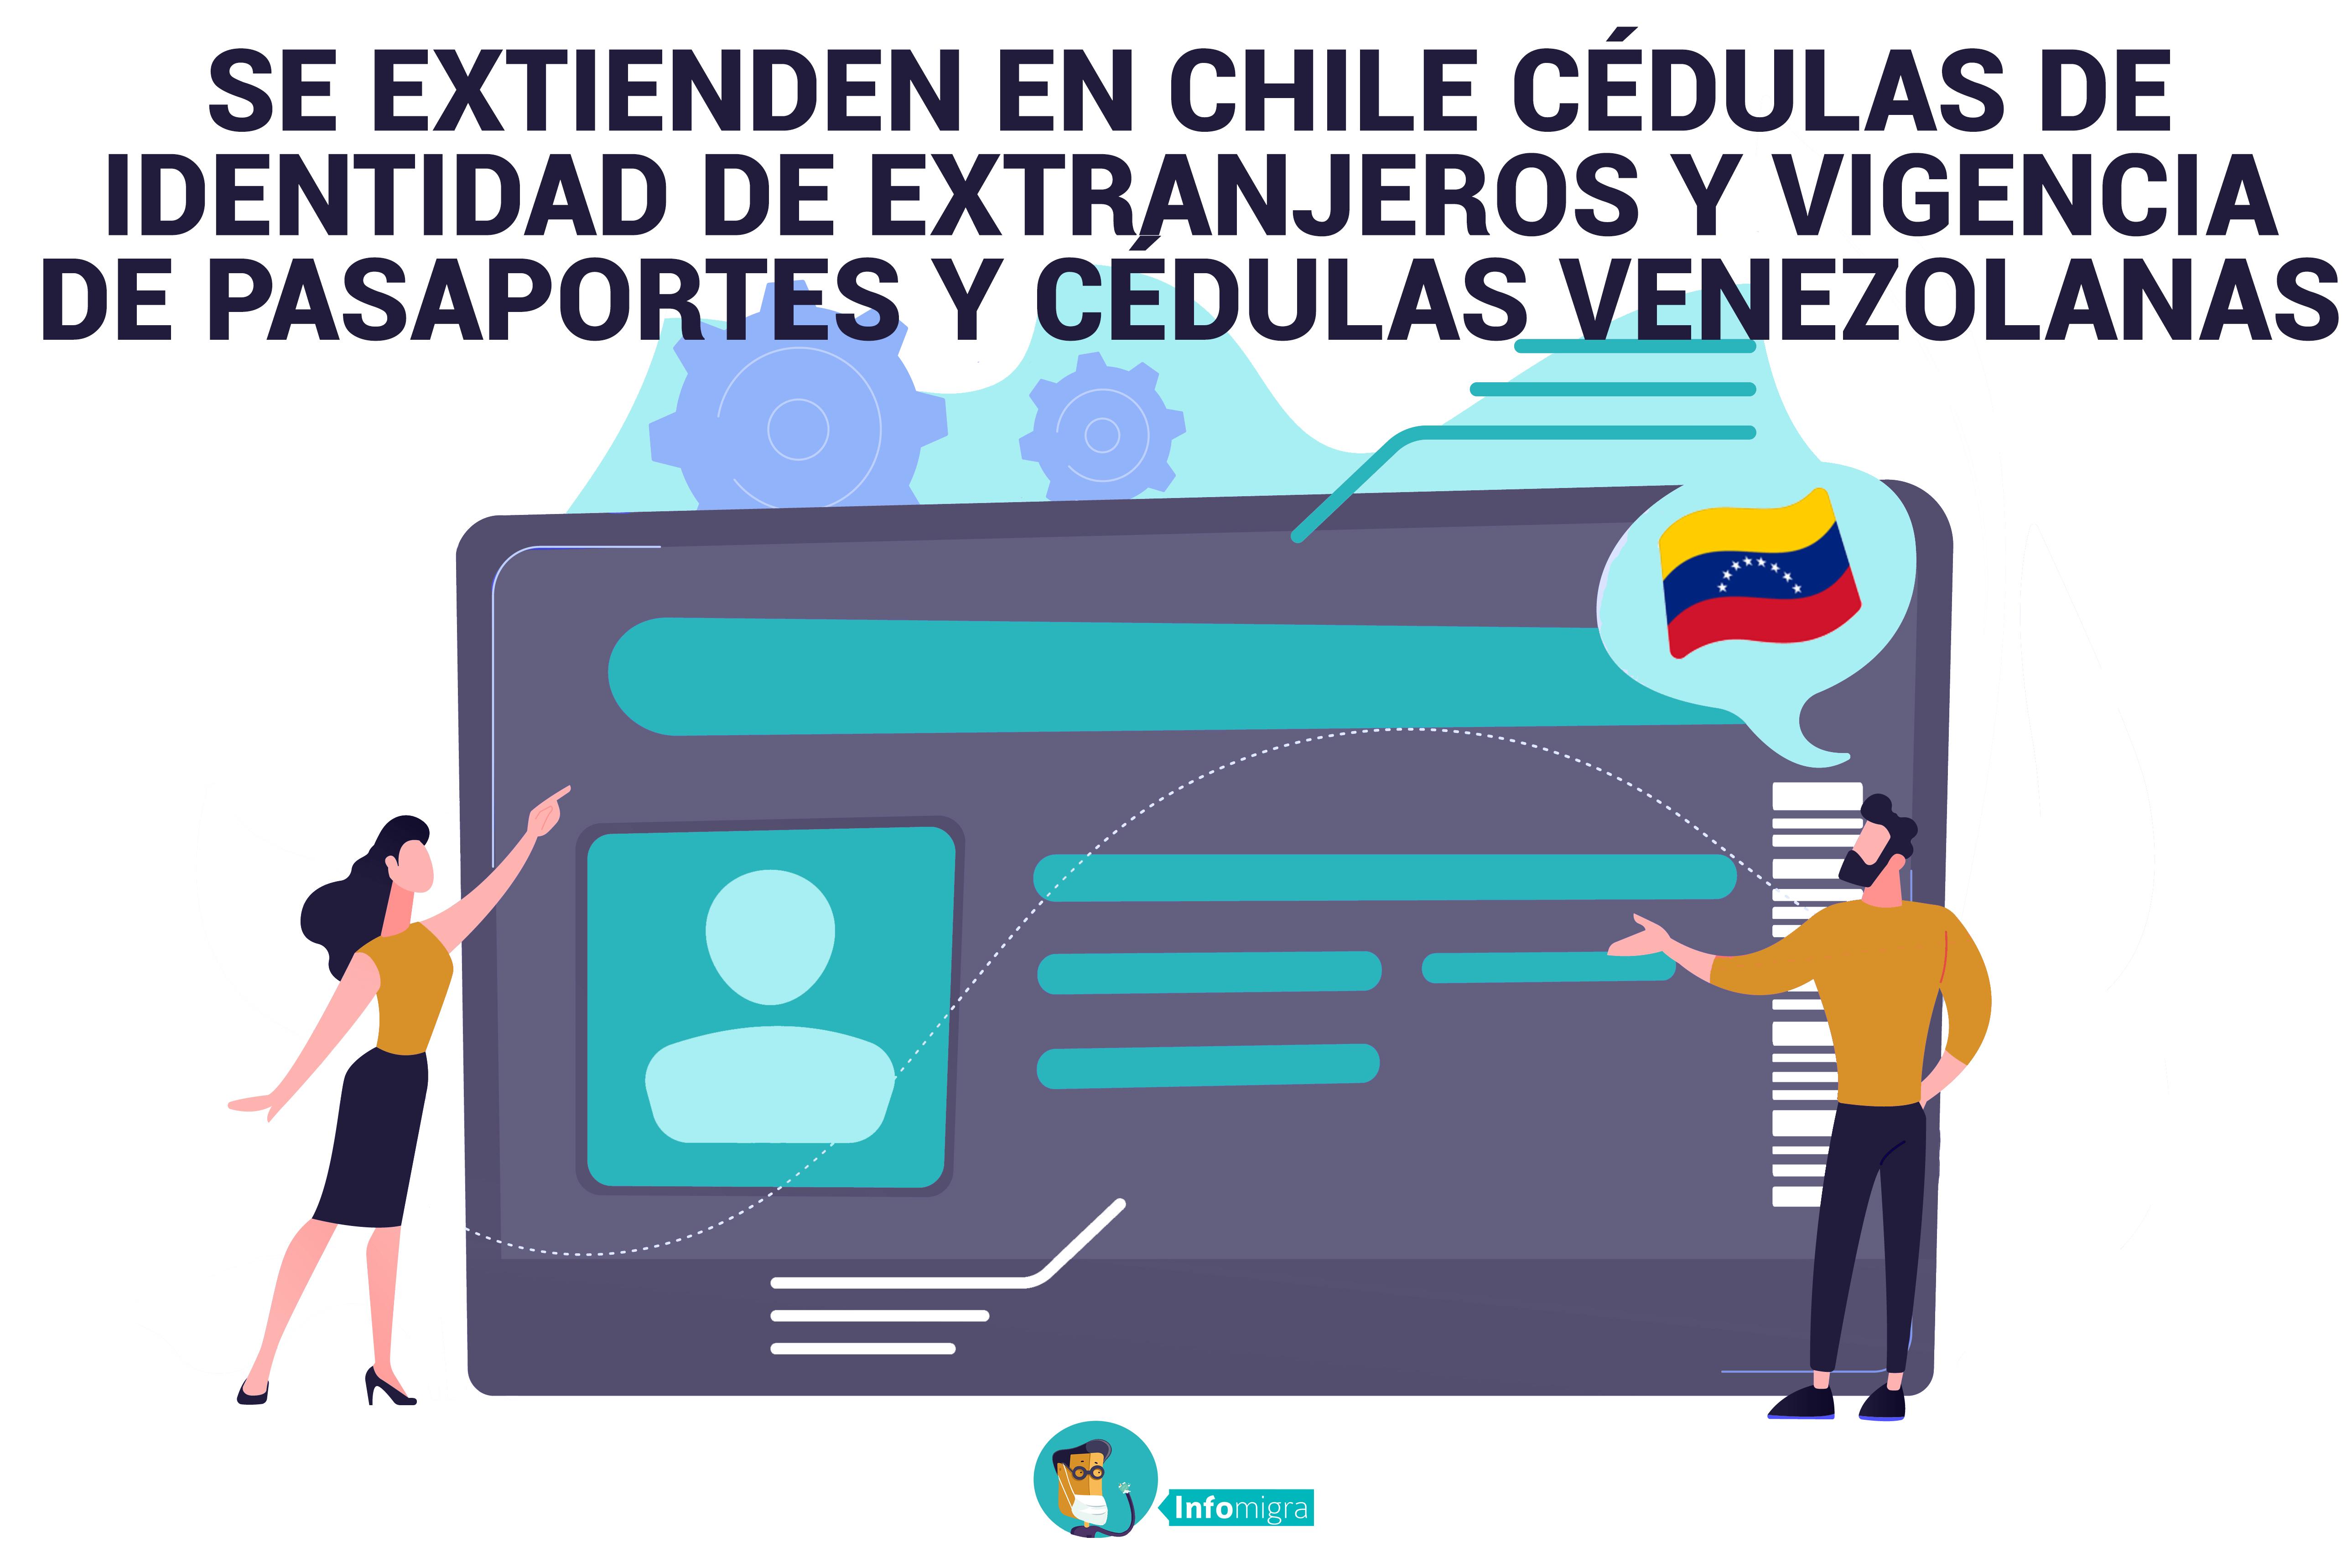 SE EXTIENDEN EN CHILE CEDULAS DE IDENTIDAD DE EXTRANJEROS Y VIGENCIA DE PASAPORTES Y CÉDULAS VENEZOLANAS